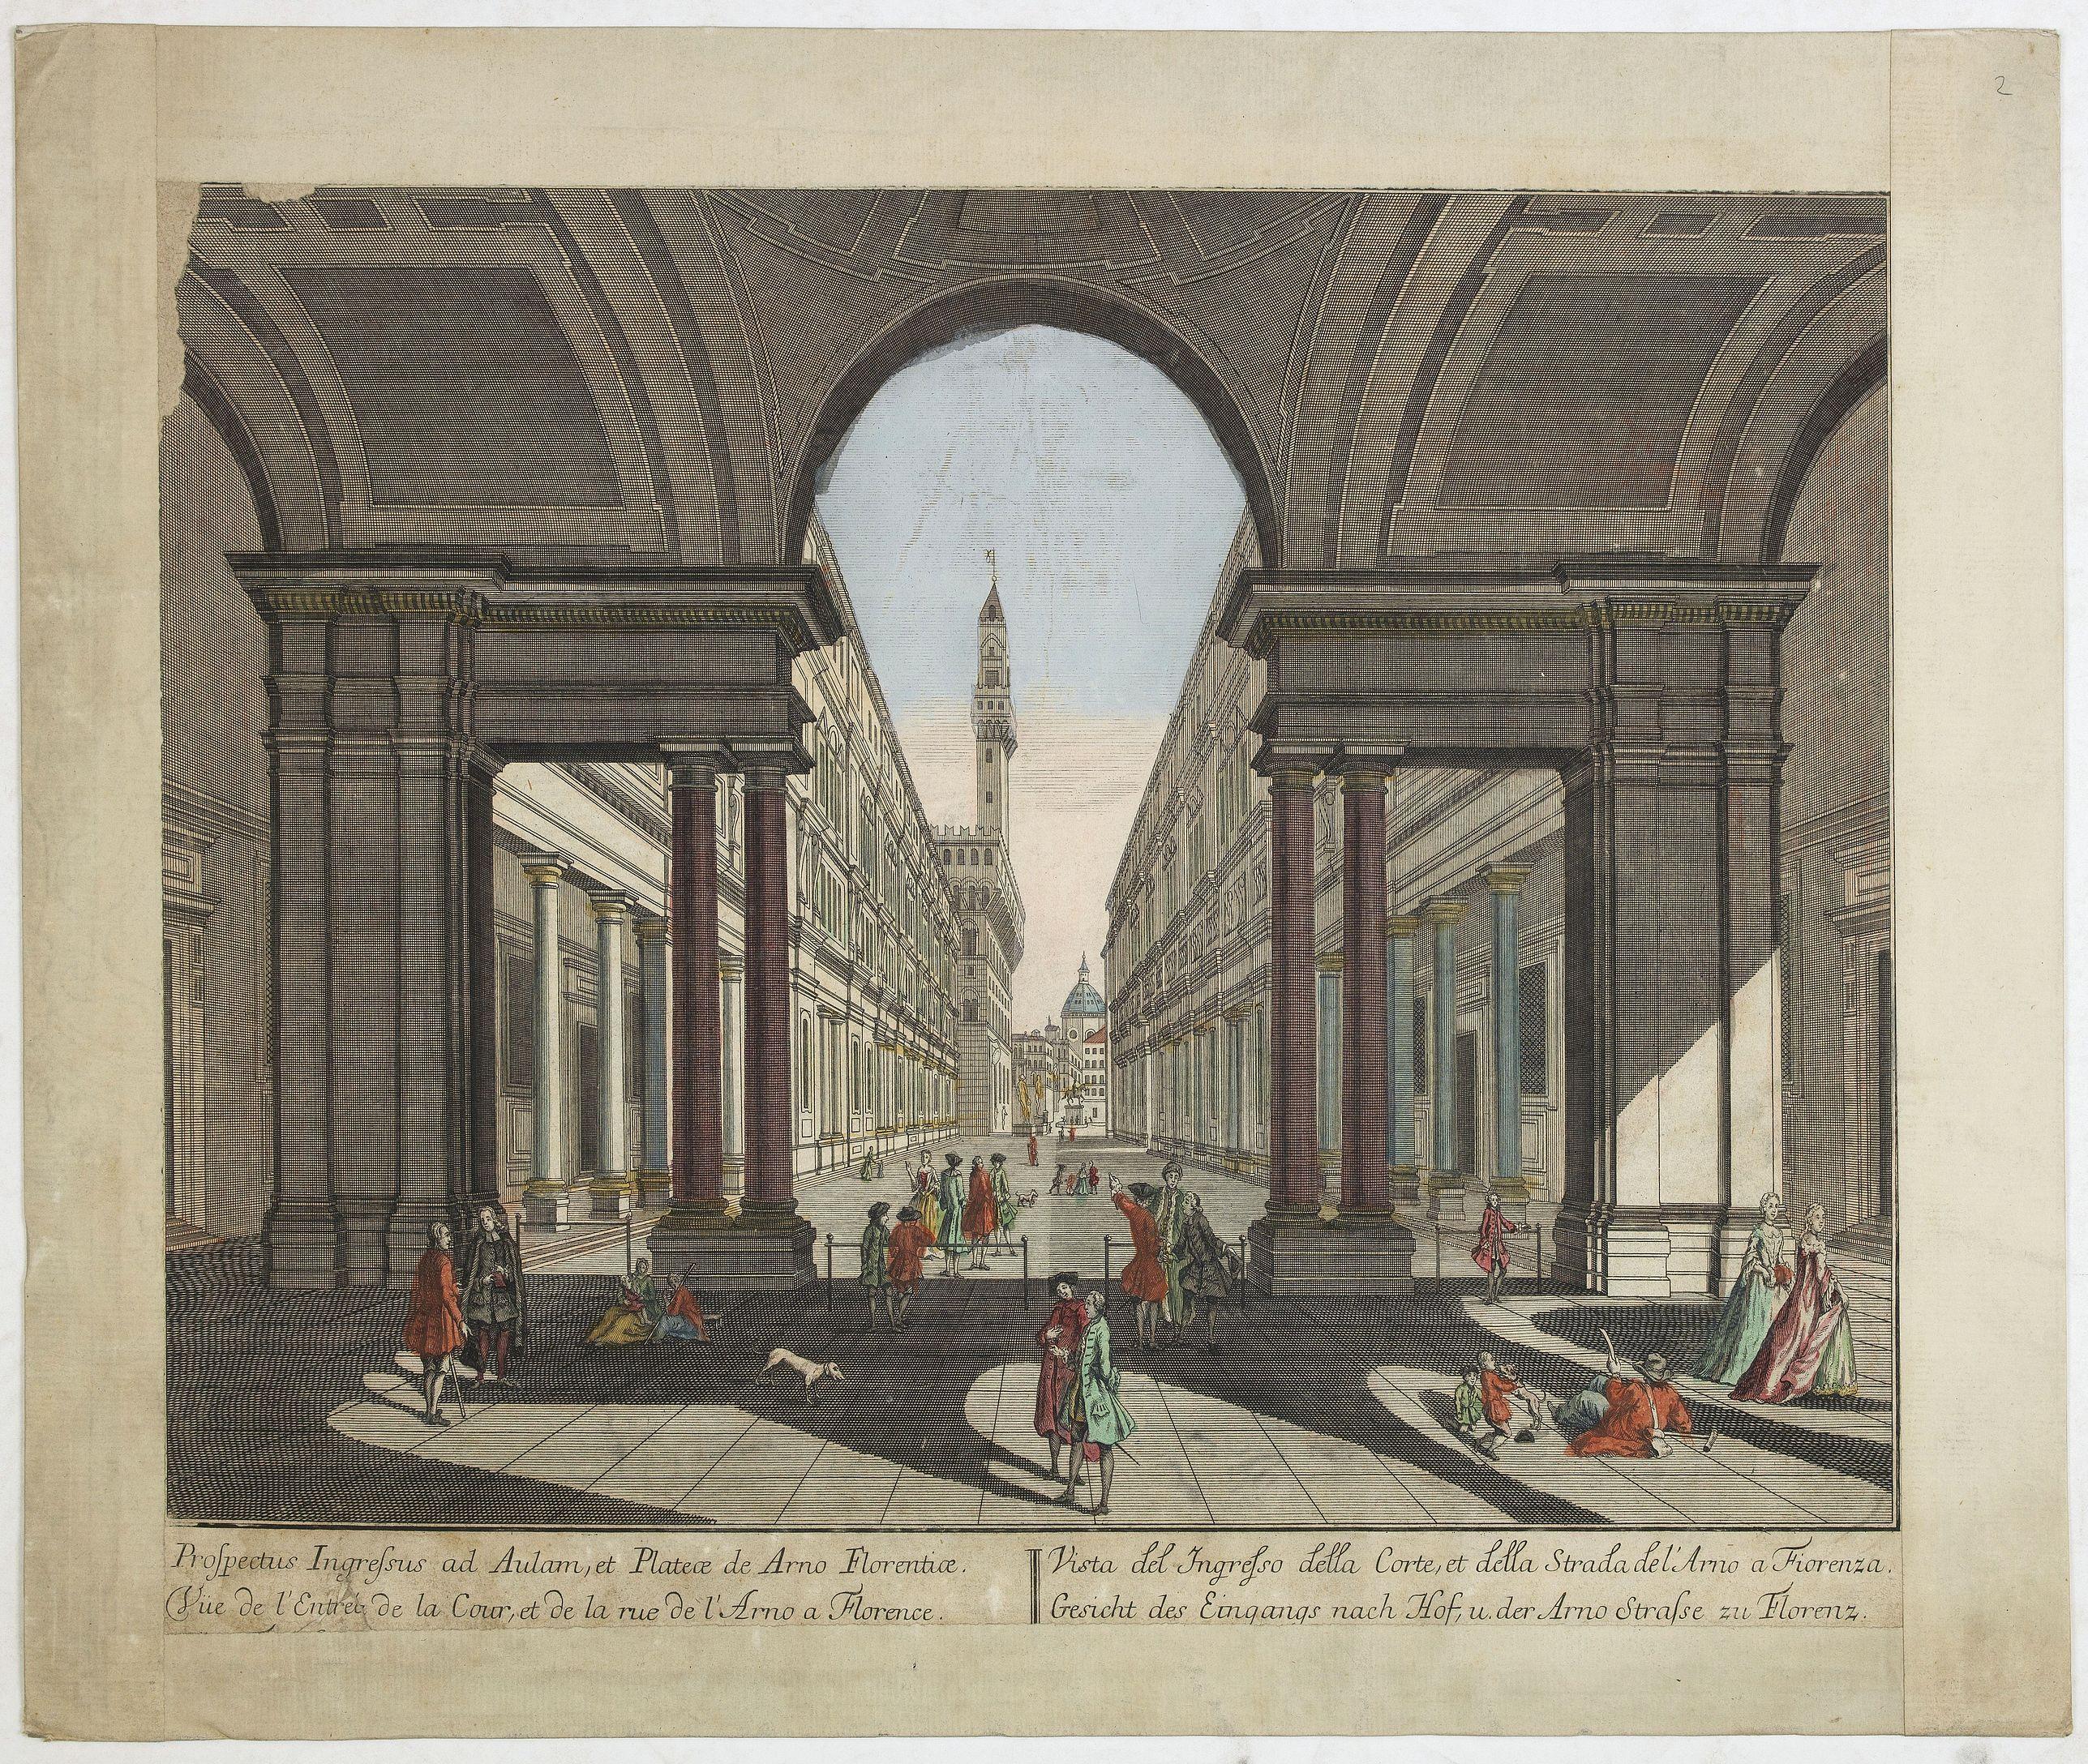 PROBST, J. -  Vue de l'Entree de la Cour.. de la rue de l'Arno a Florence